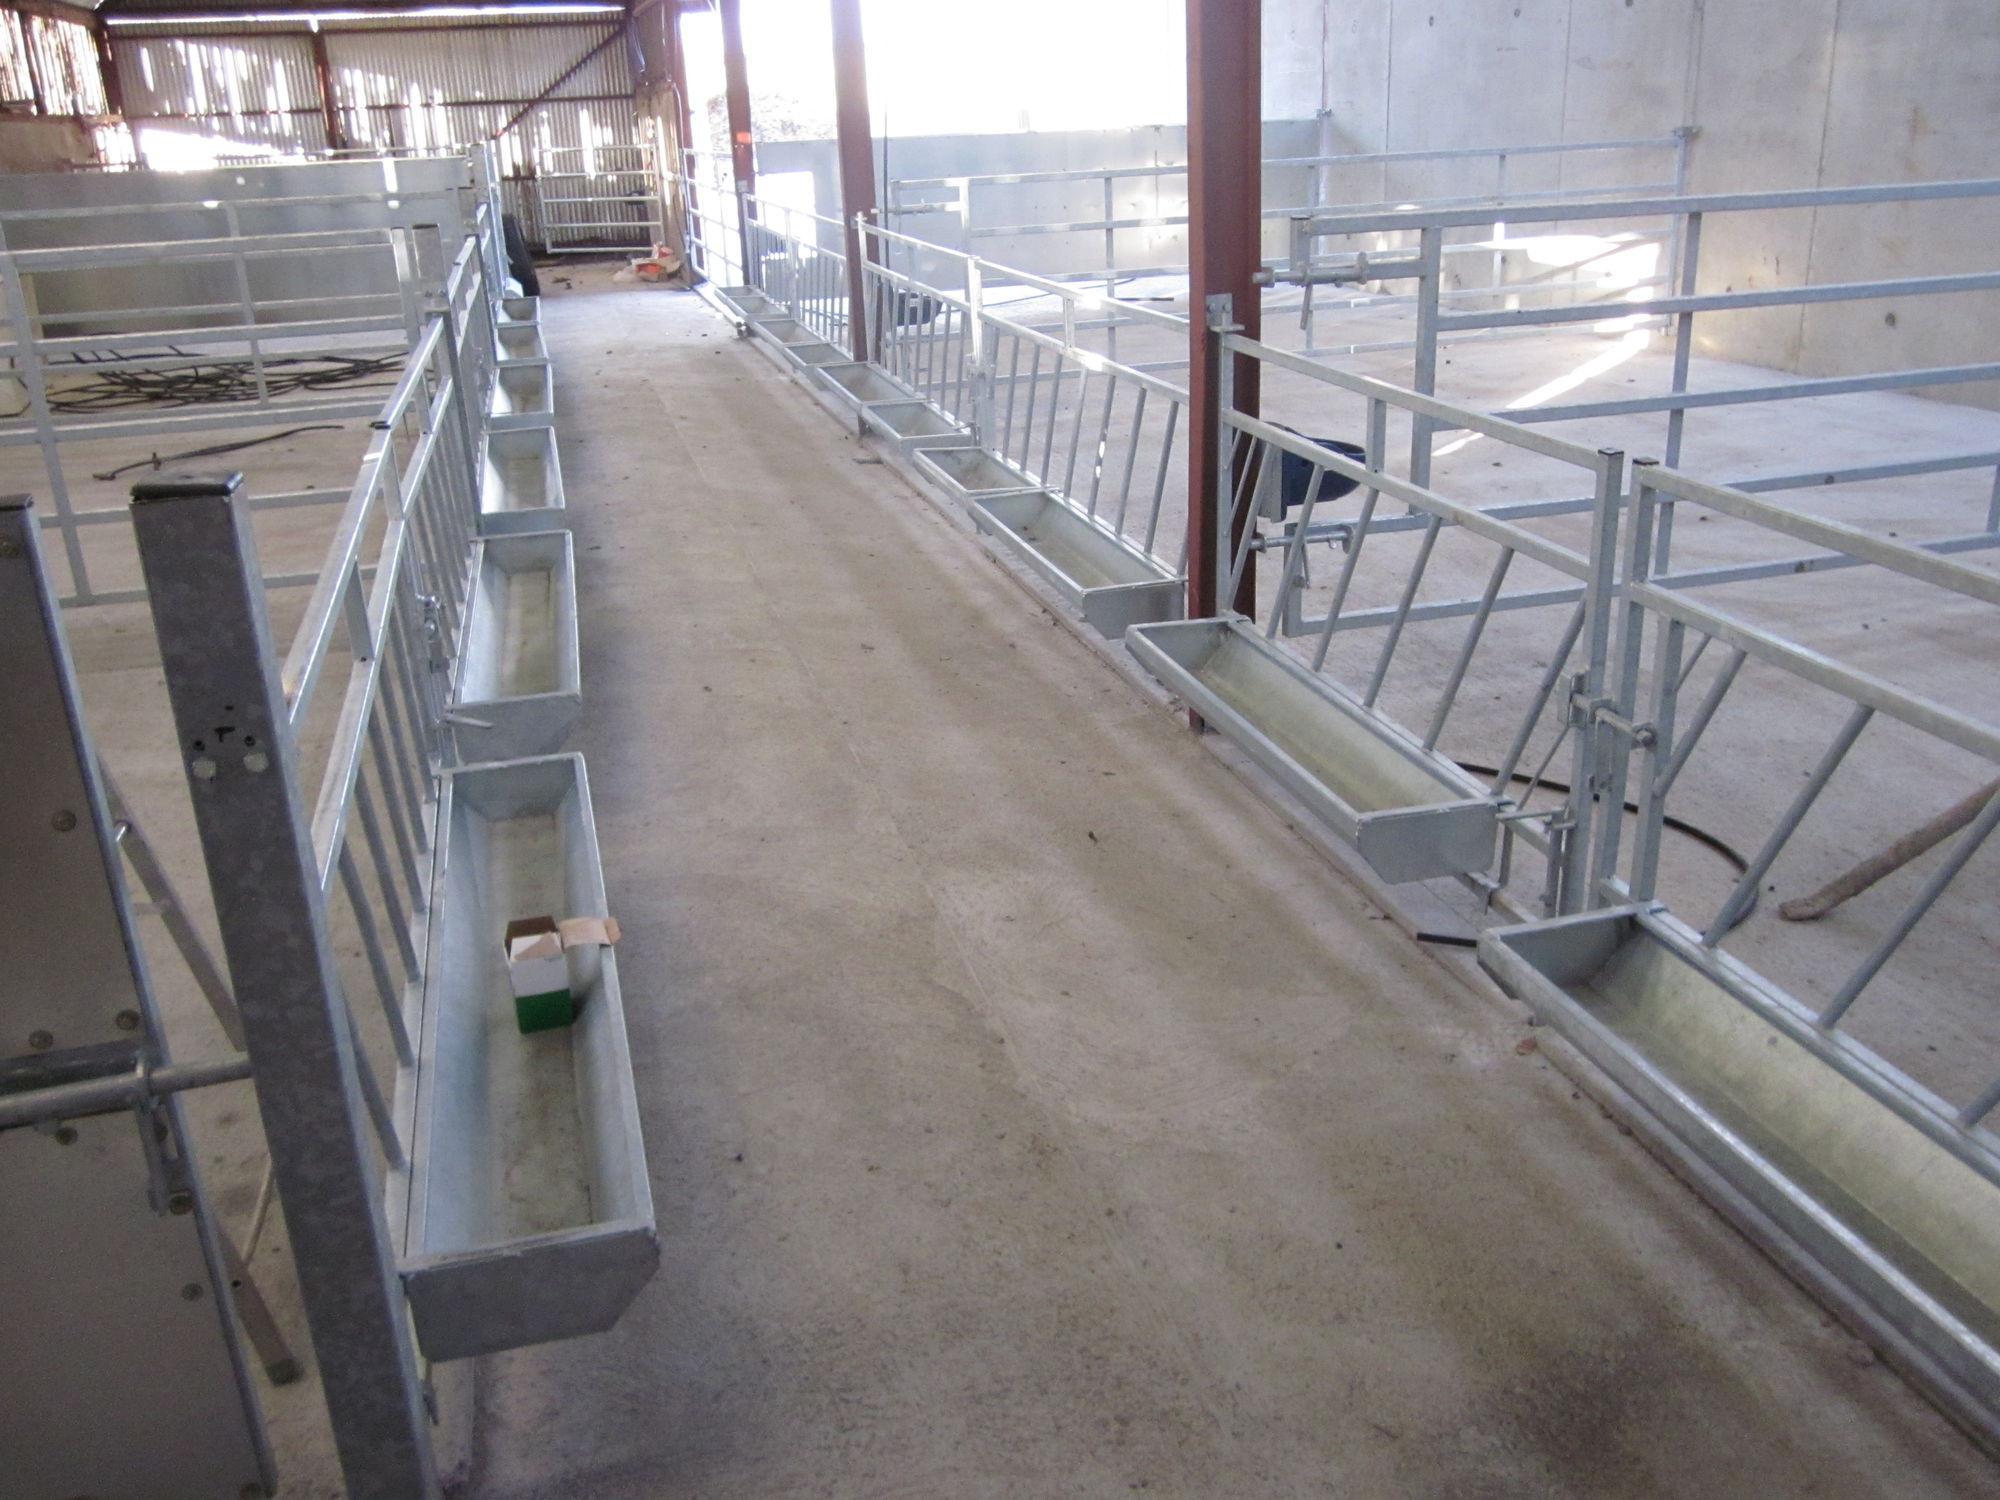 Trennwand Für Zuchtzwecke Für Rinder Metall Calf Pen Division